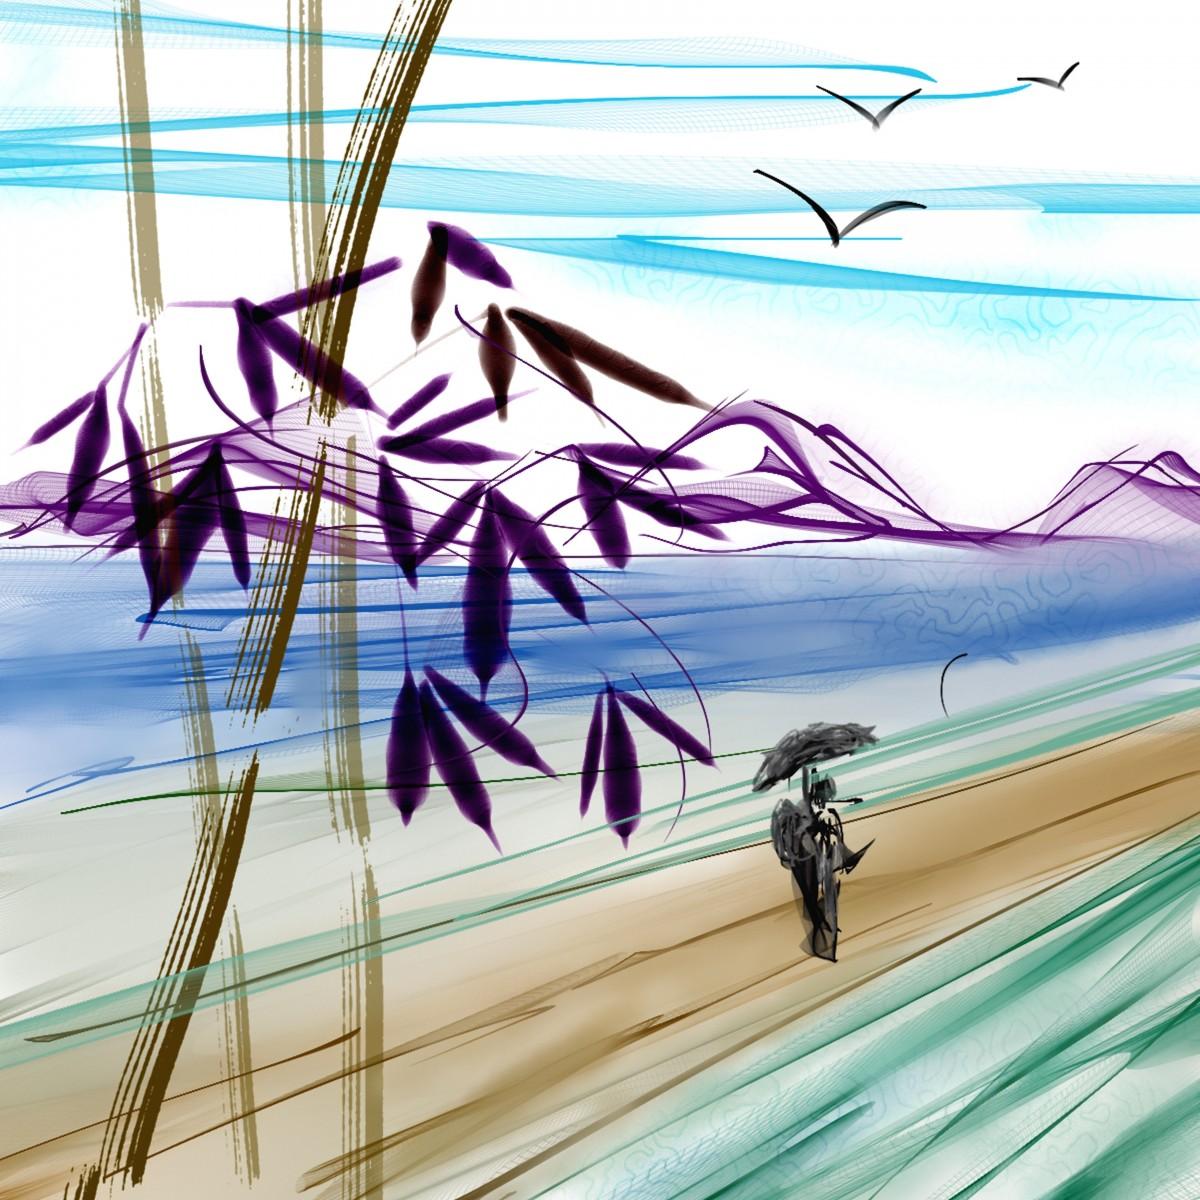 Gambar Asia Jepang Lukisan Seni Pembuat Kaleng Sketsa